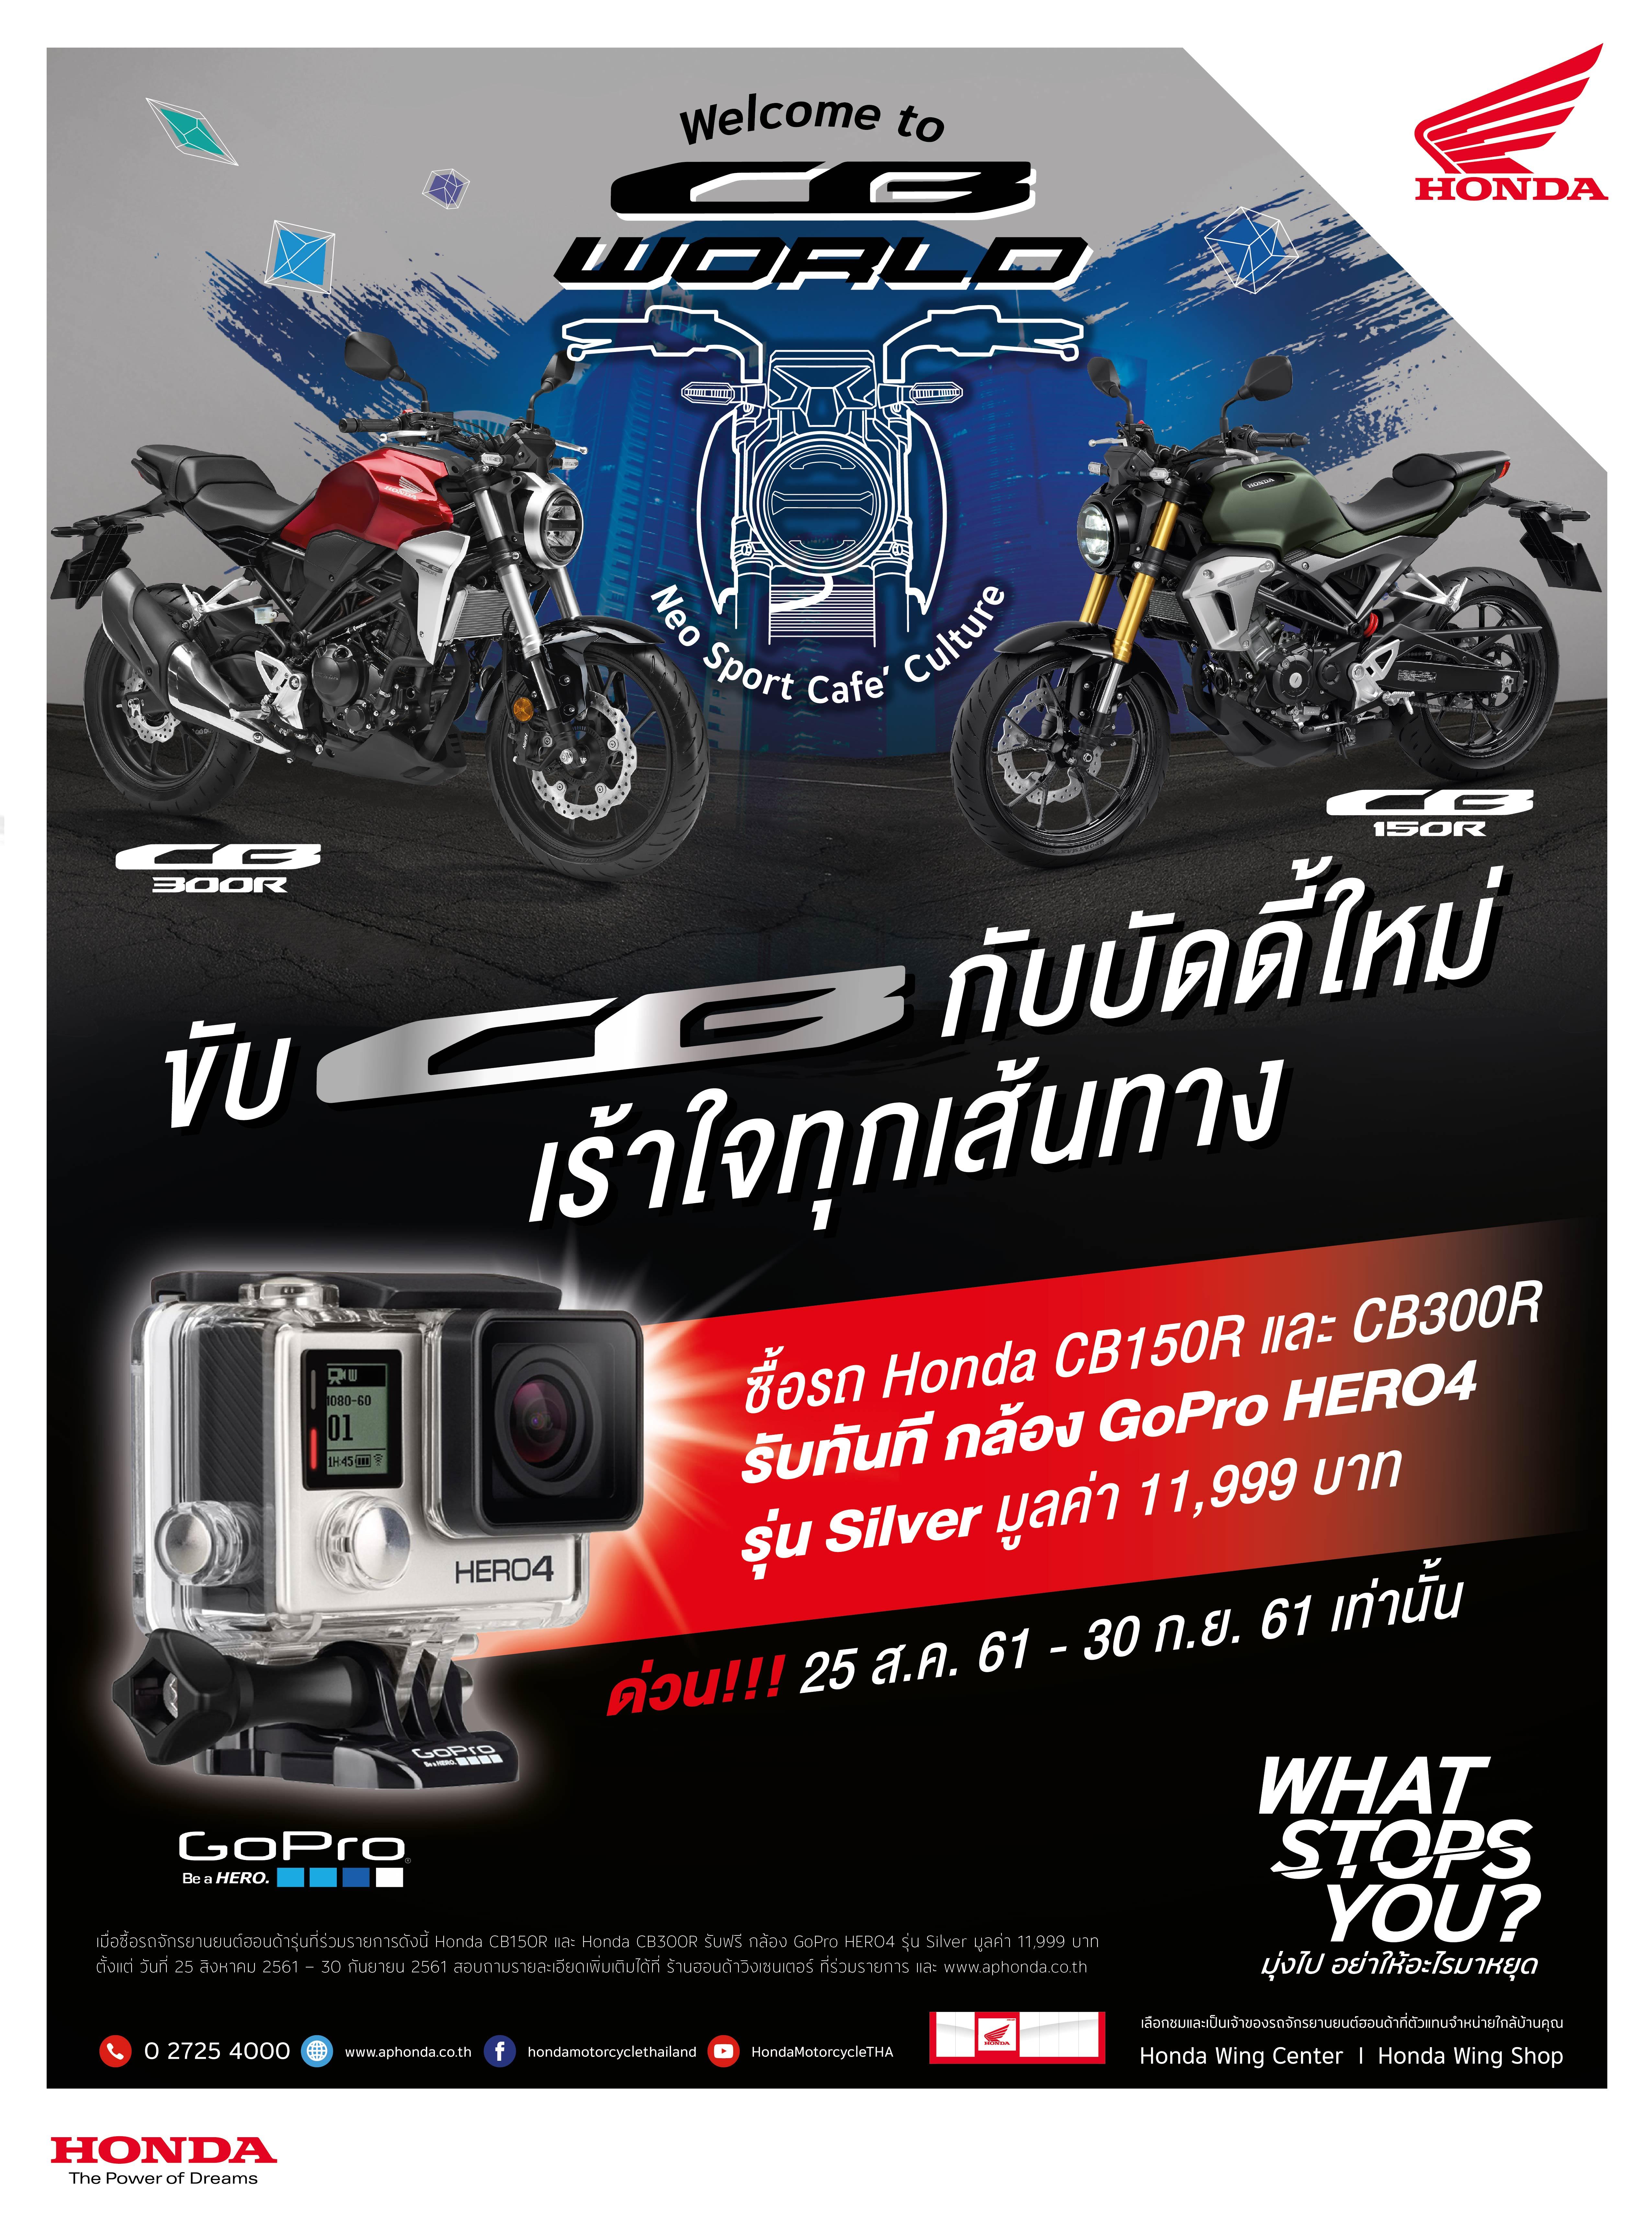 """ขยายโปรฯ เอาใจสาวก """"Neo Sports Café""""   ออกรถใหม่ Honda CB150R และ CB300R รับฟรี กล้อง GOPRO HERO 4 Silver Edition"""